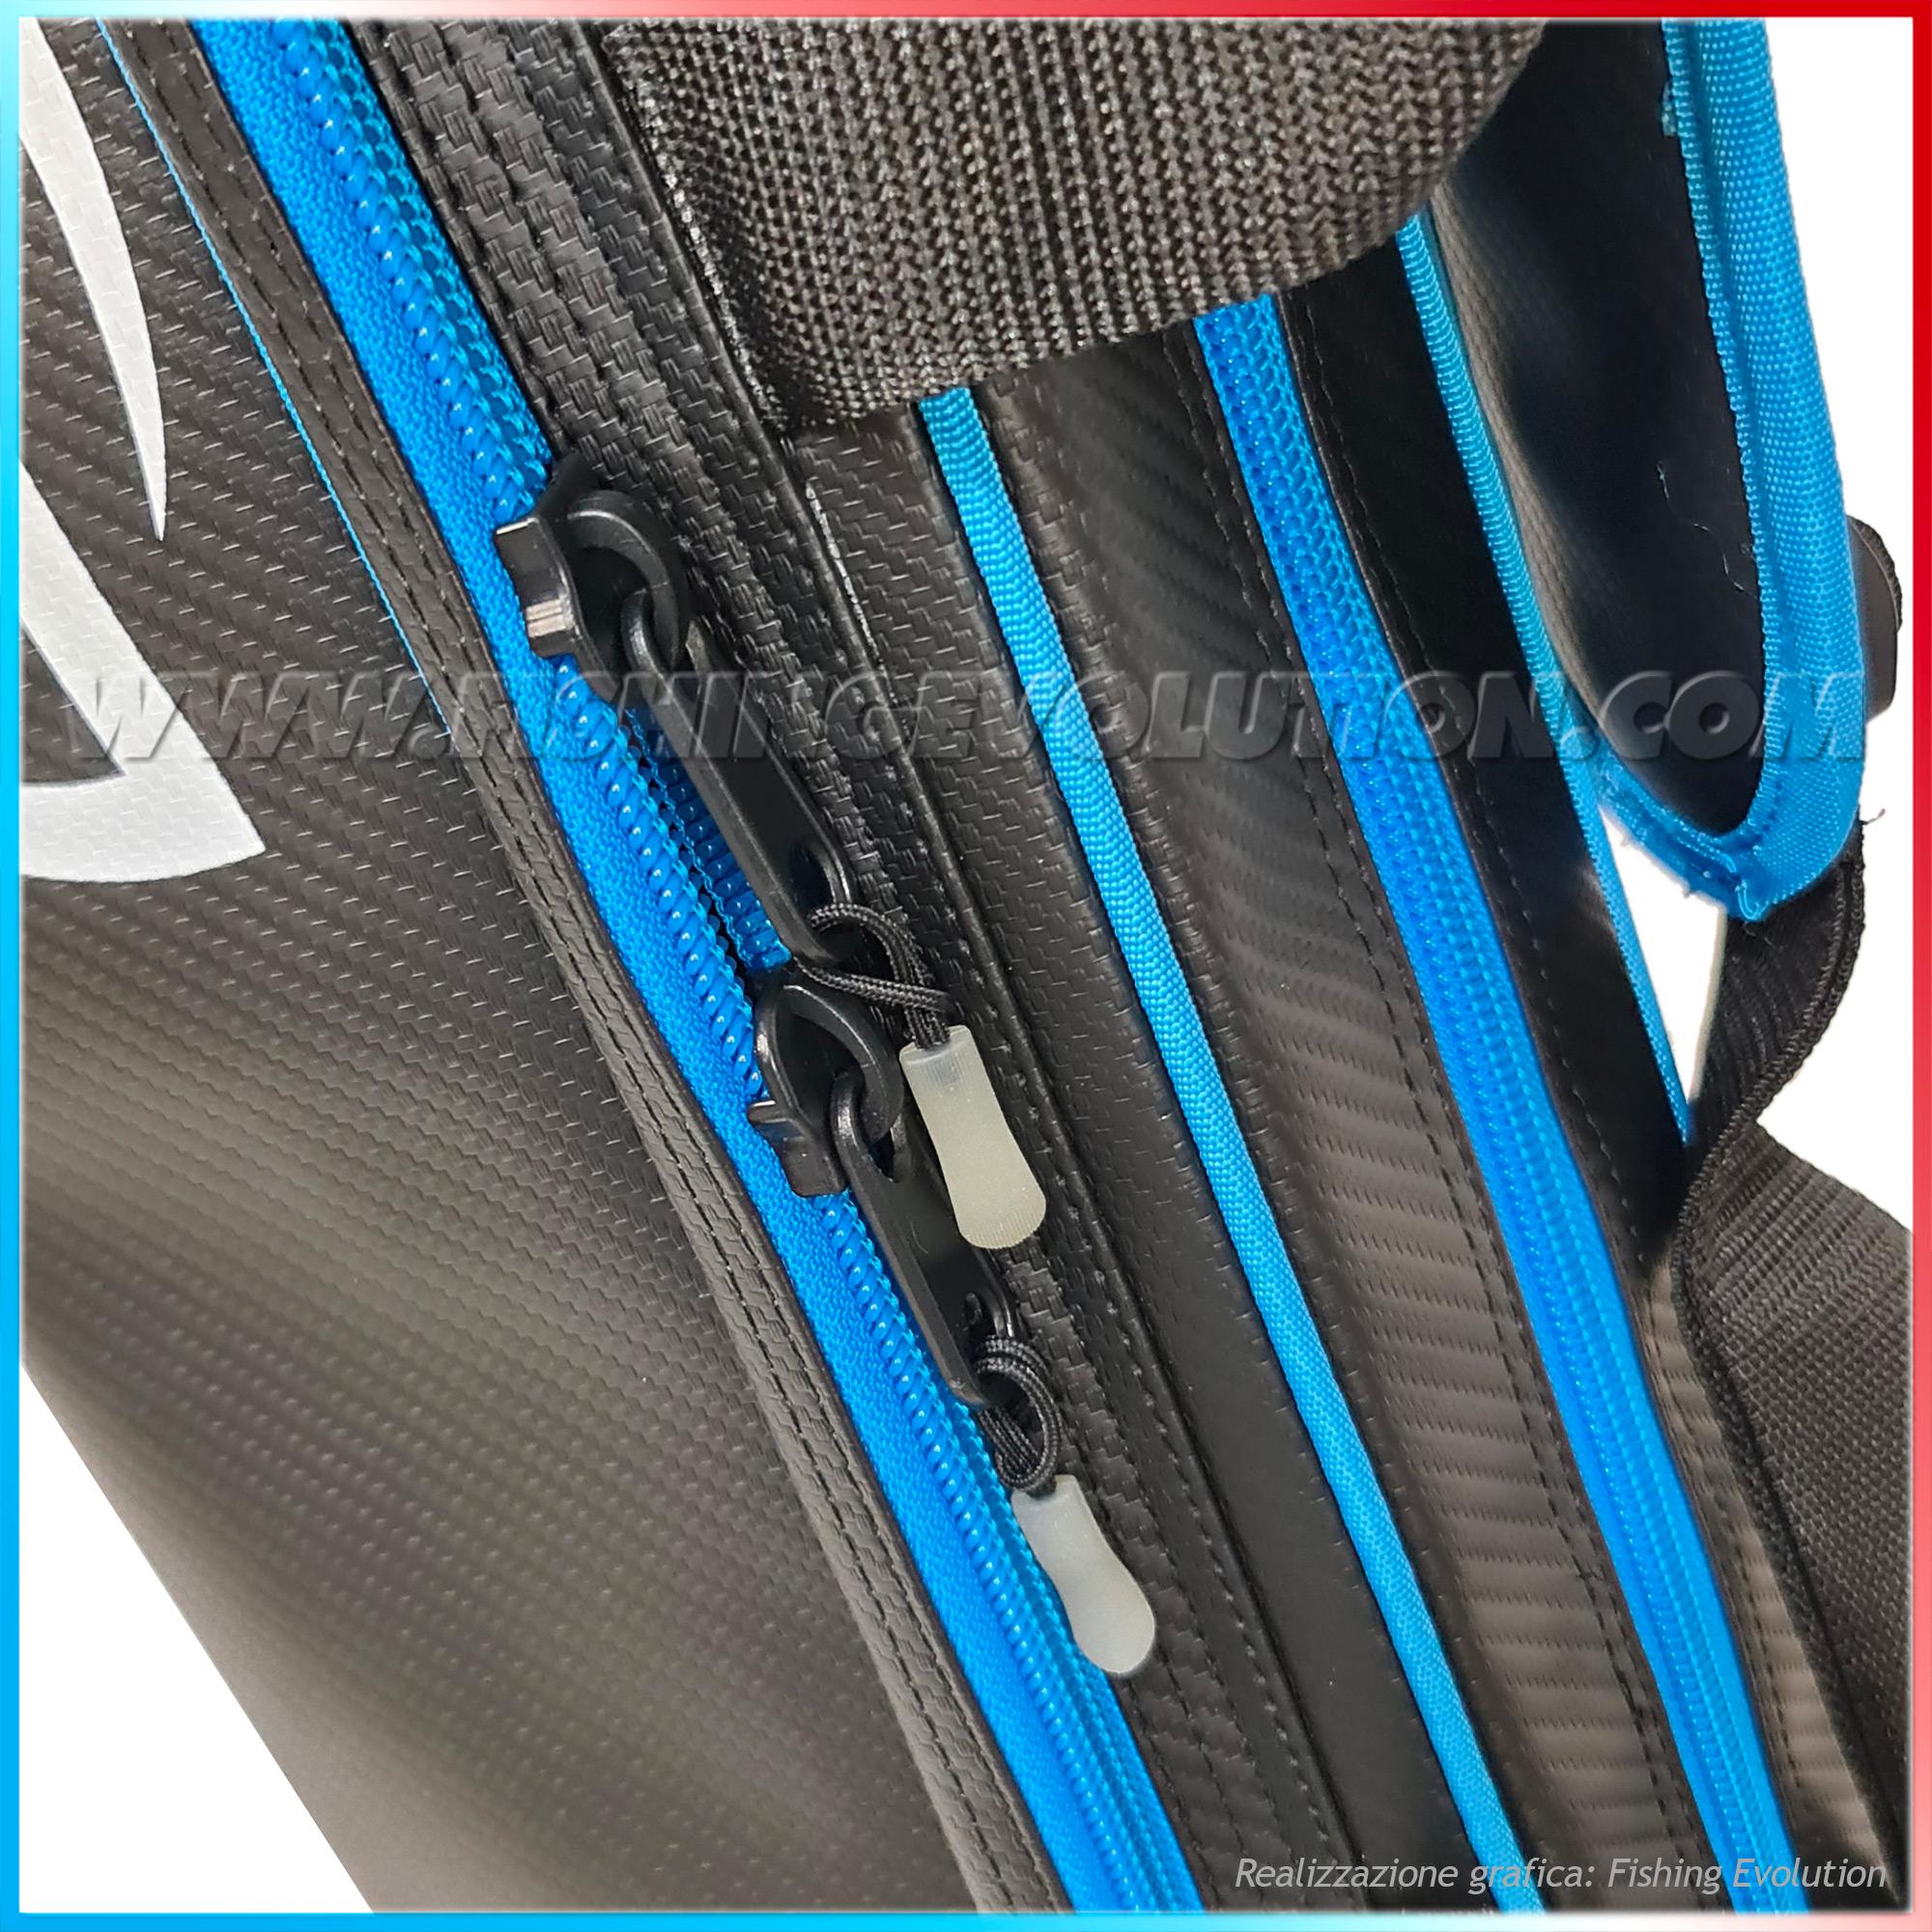 Fodero Porta Canne Rigido con tasca laterale 170cm